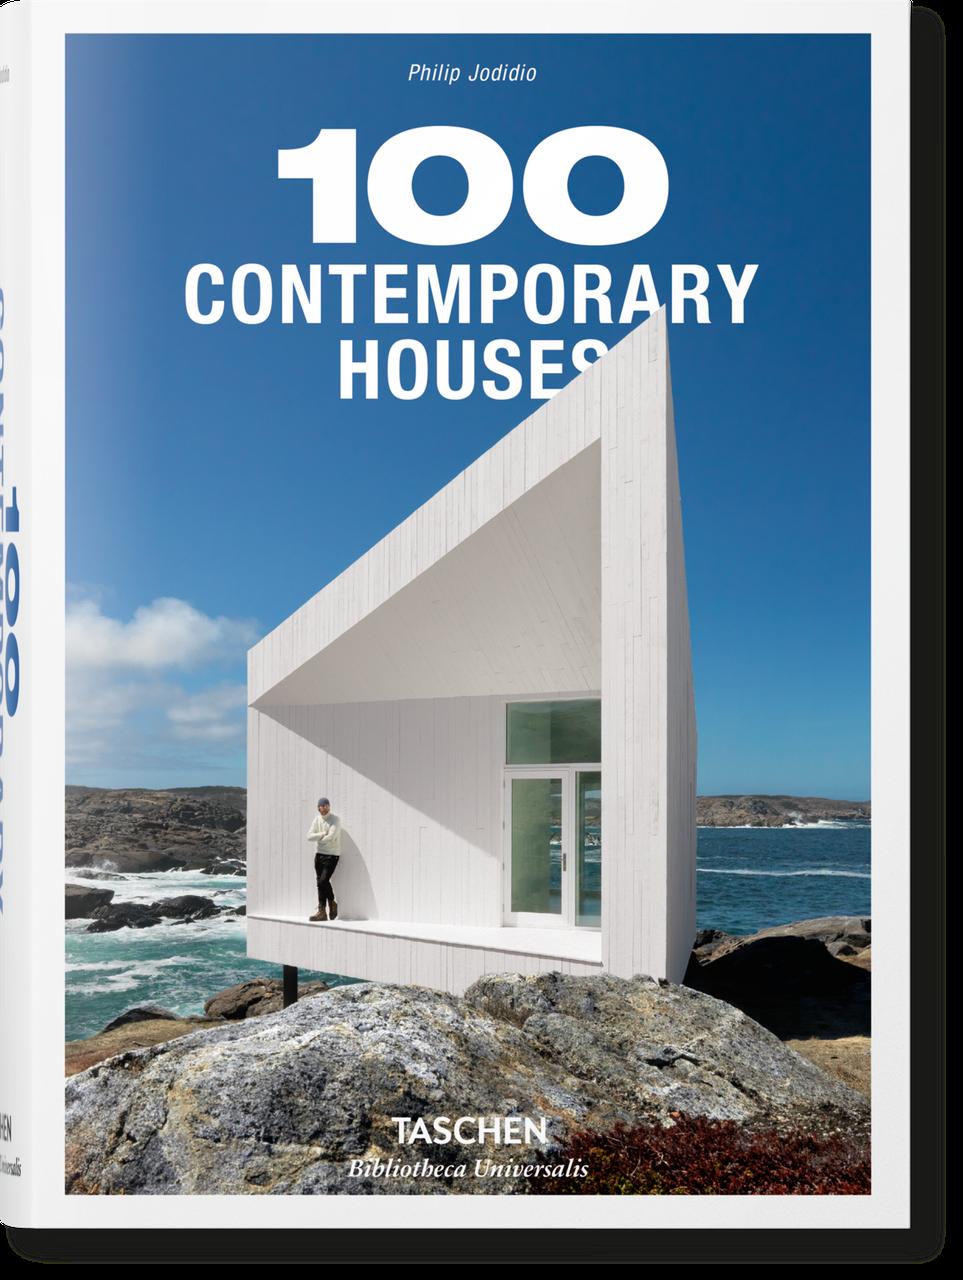 Приватна архітектура. 100 Contemporary Houses. Philip Jodidio.